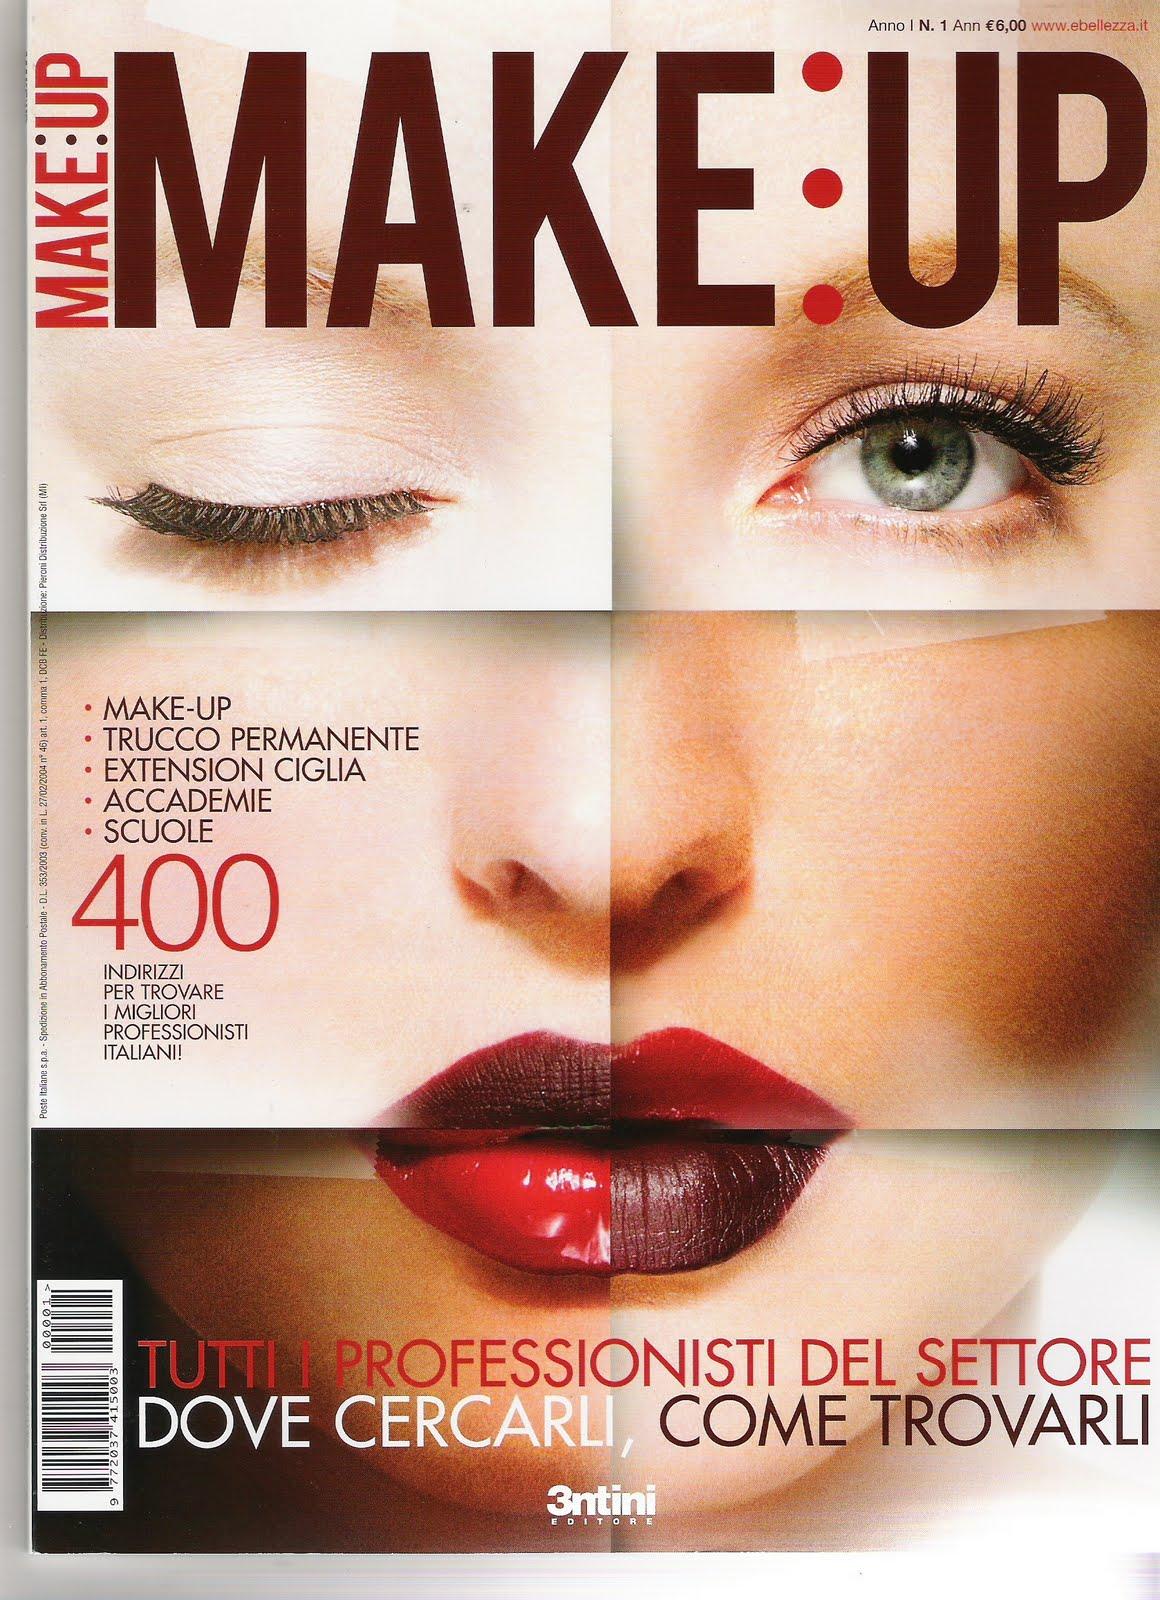 ... per parrucchieri ed estetiste : Siamo sulla rivista MAKE UP: nujenews.blogspot.com/2010/04/siamo-sulla-rivista-make-up.html